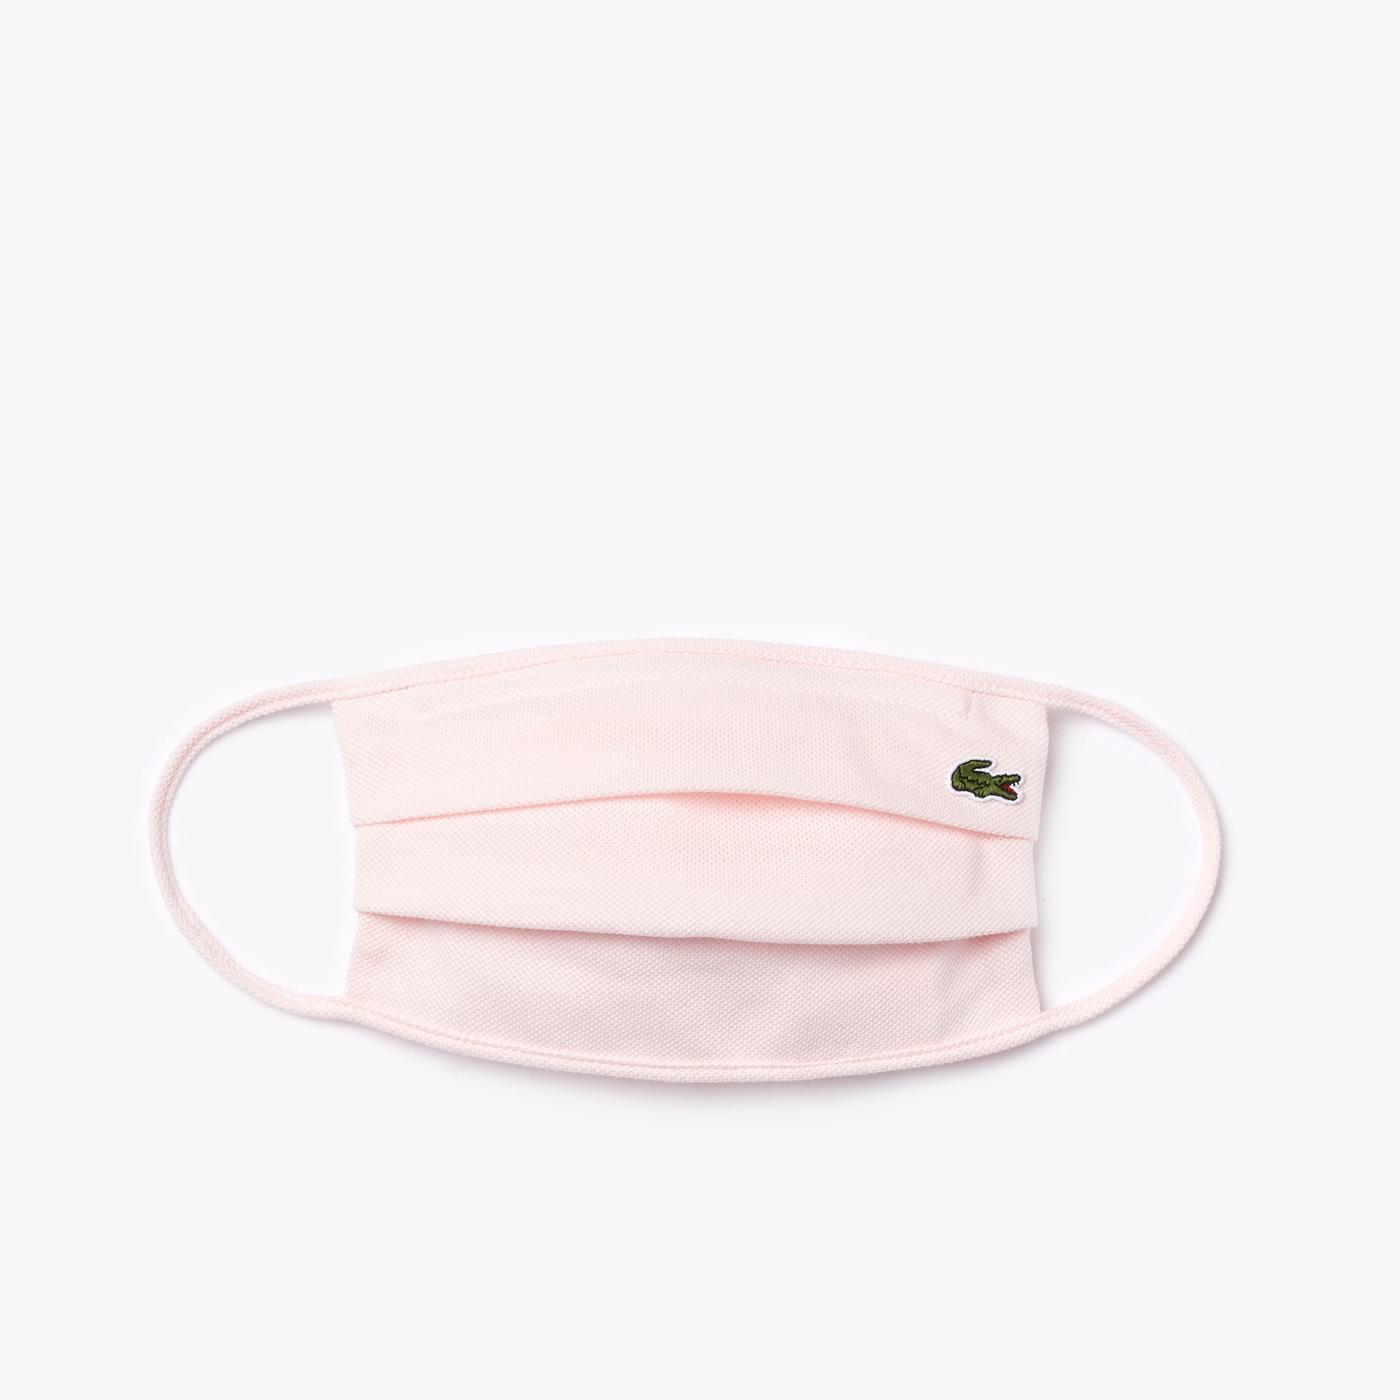 Lacoste Pamuklu Yıkanabilir Açık Pembe Maske